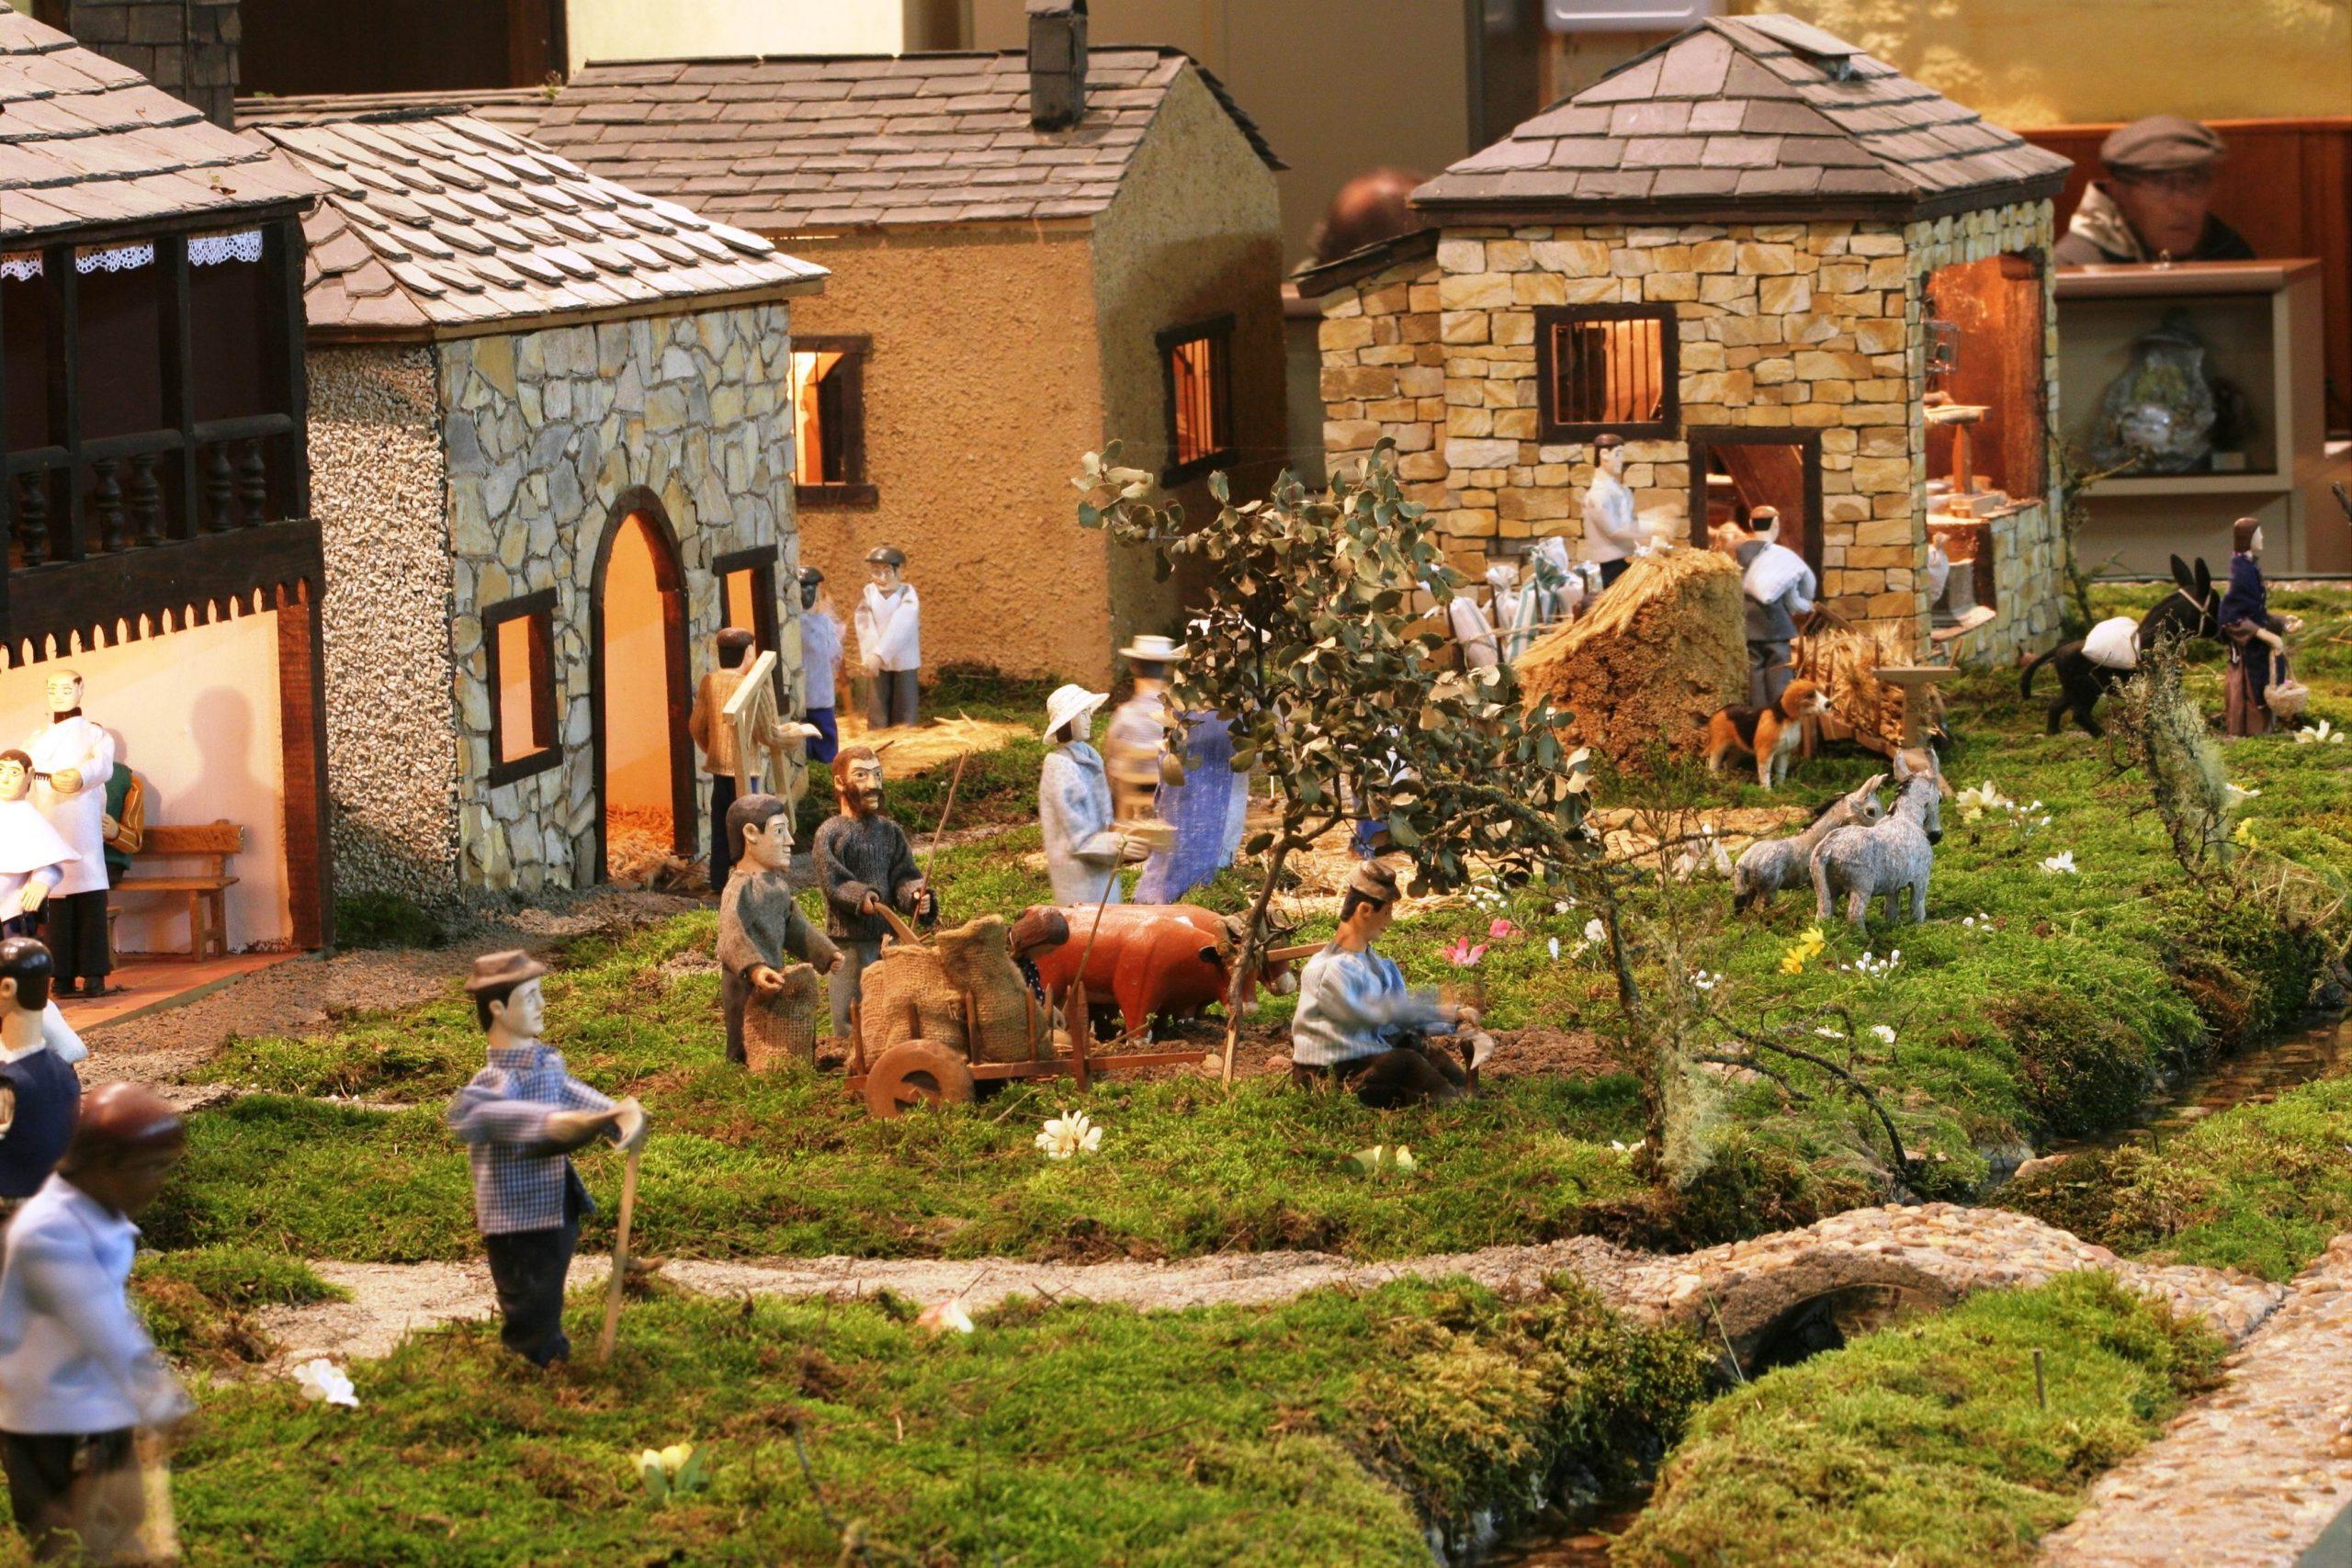 El Belén artesano de Folgoso de la Ribera no abrirá sus puertas estas navidades por primera vez en más de 50 años 1